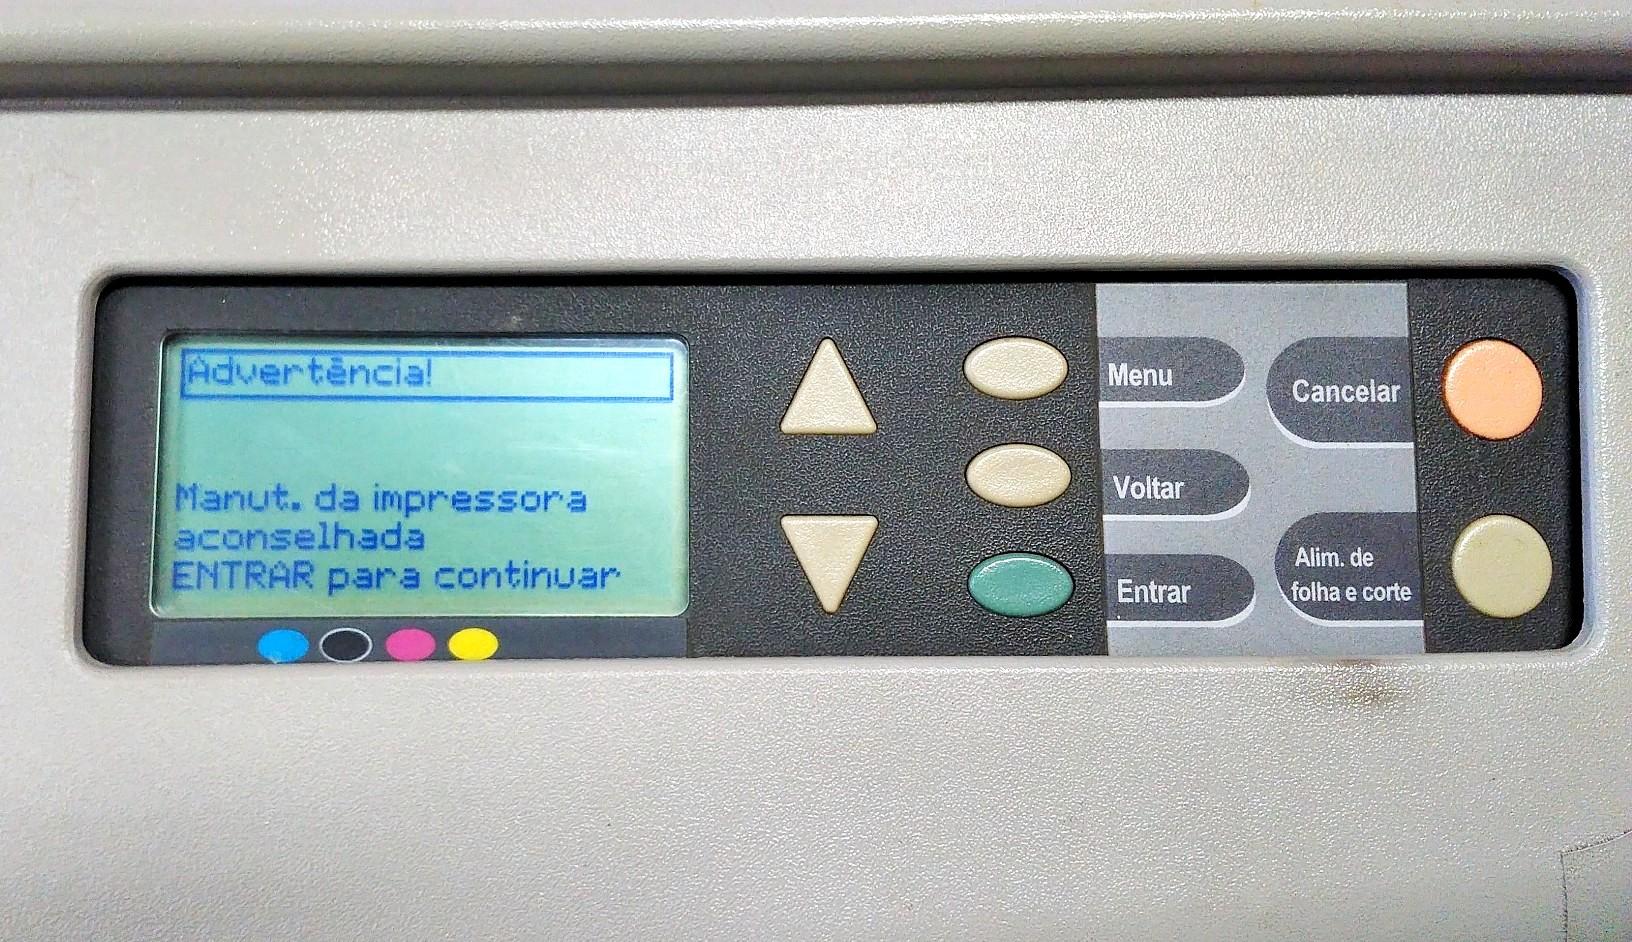 Manutenção da Impressora Aconselhada no painel da sua Plotter HP